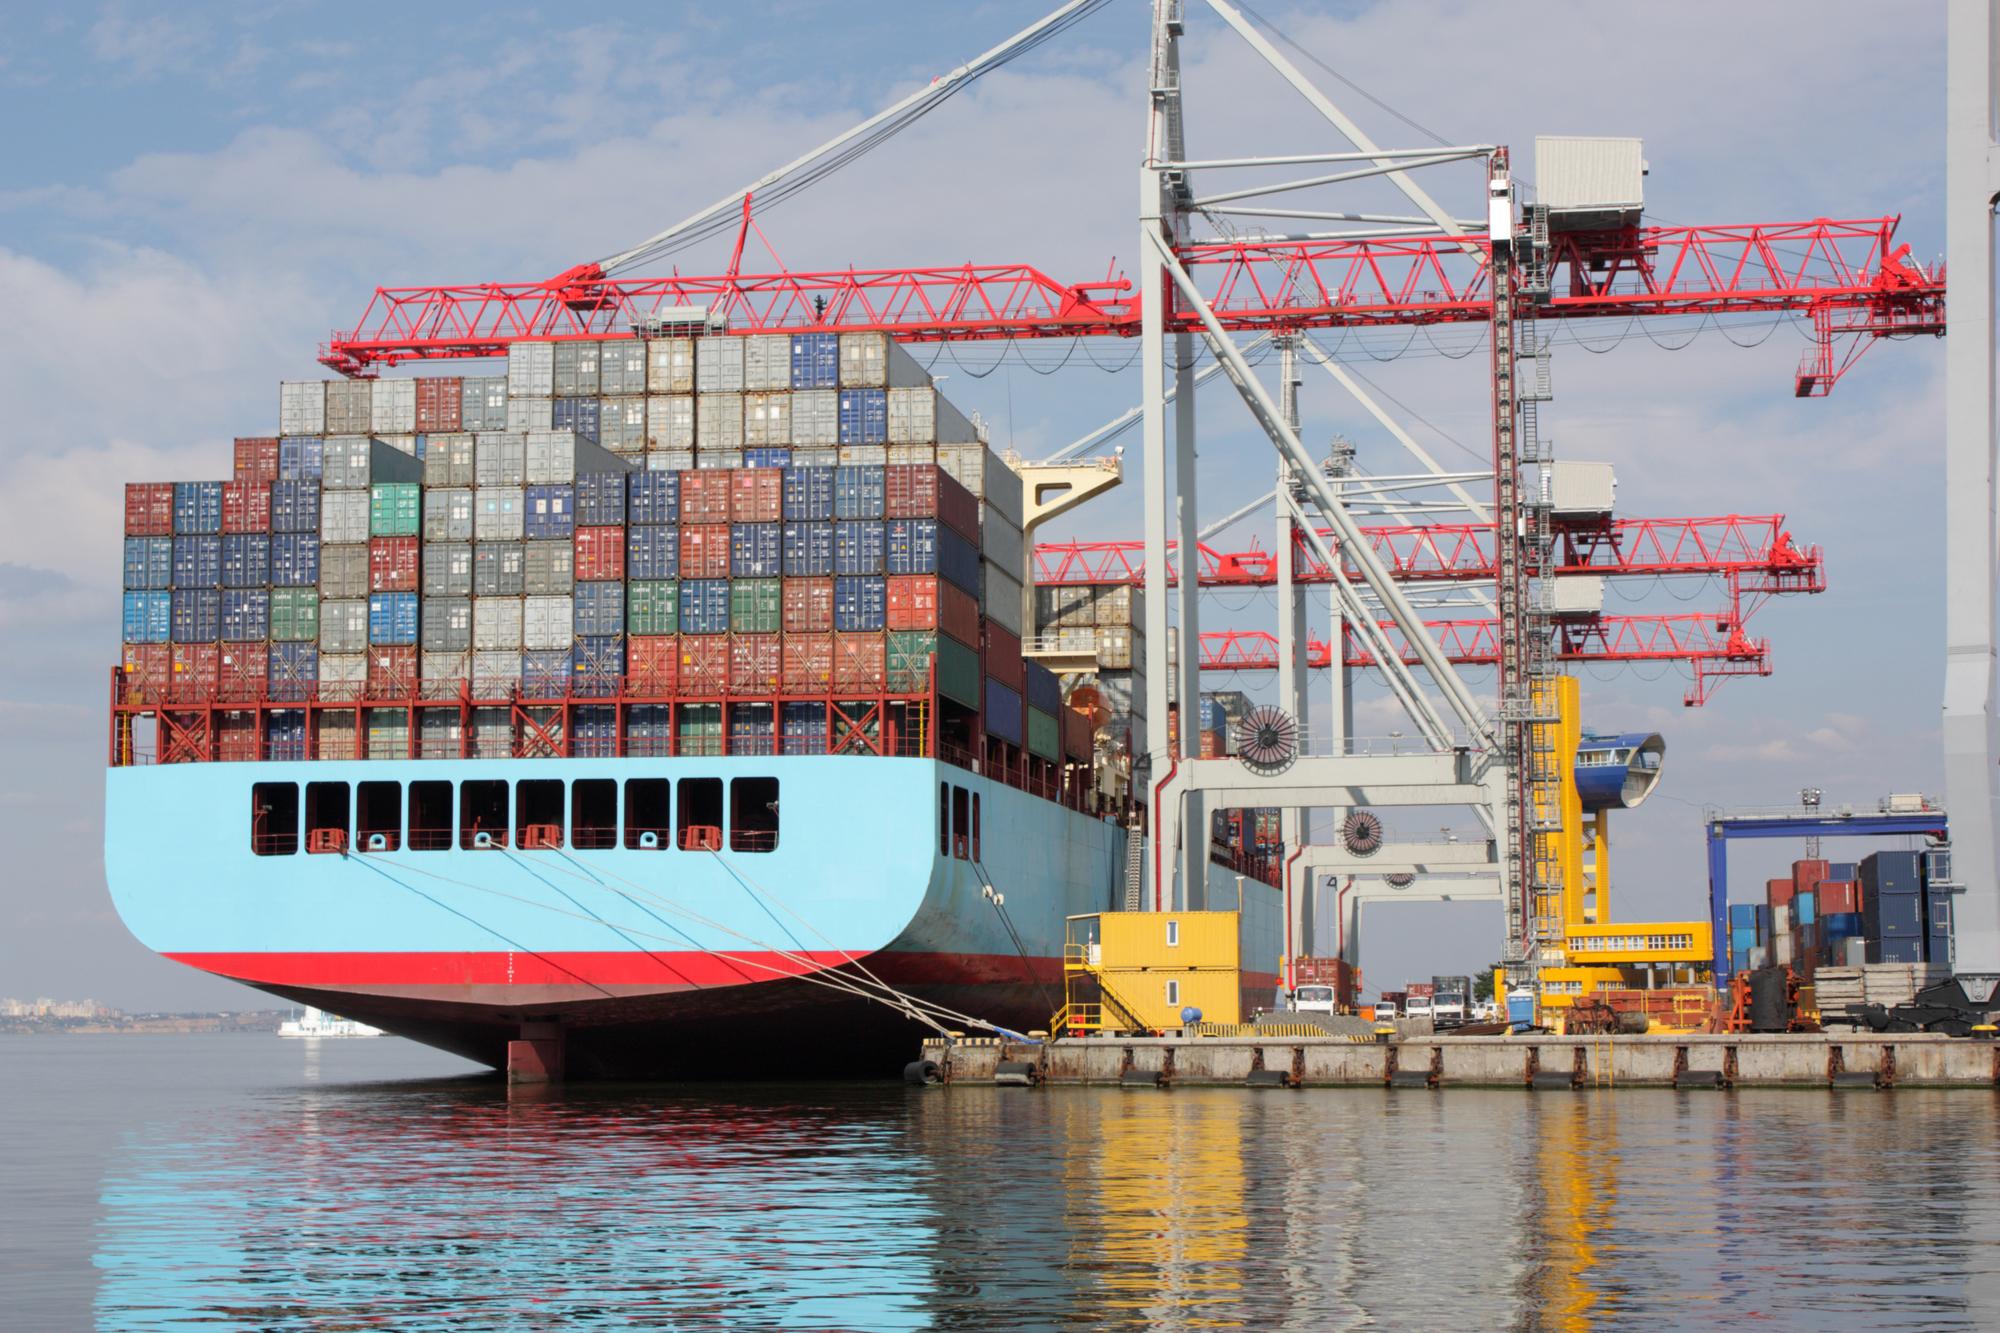 Shipping cranes at port